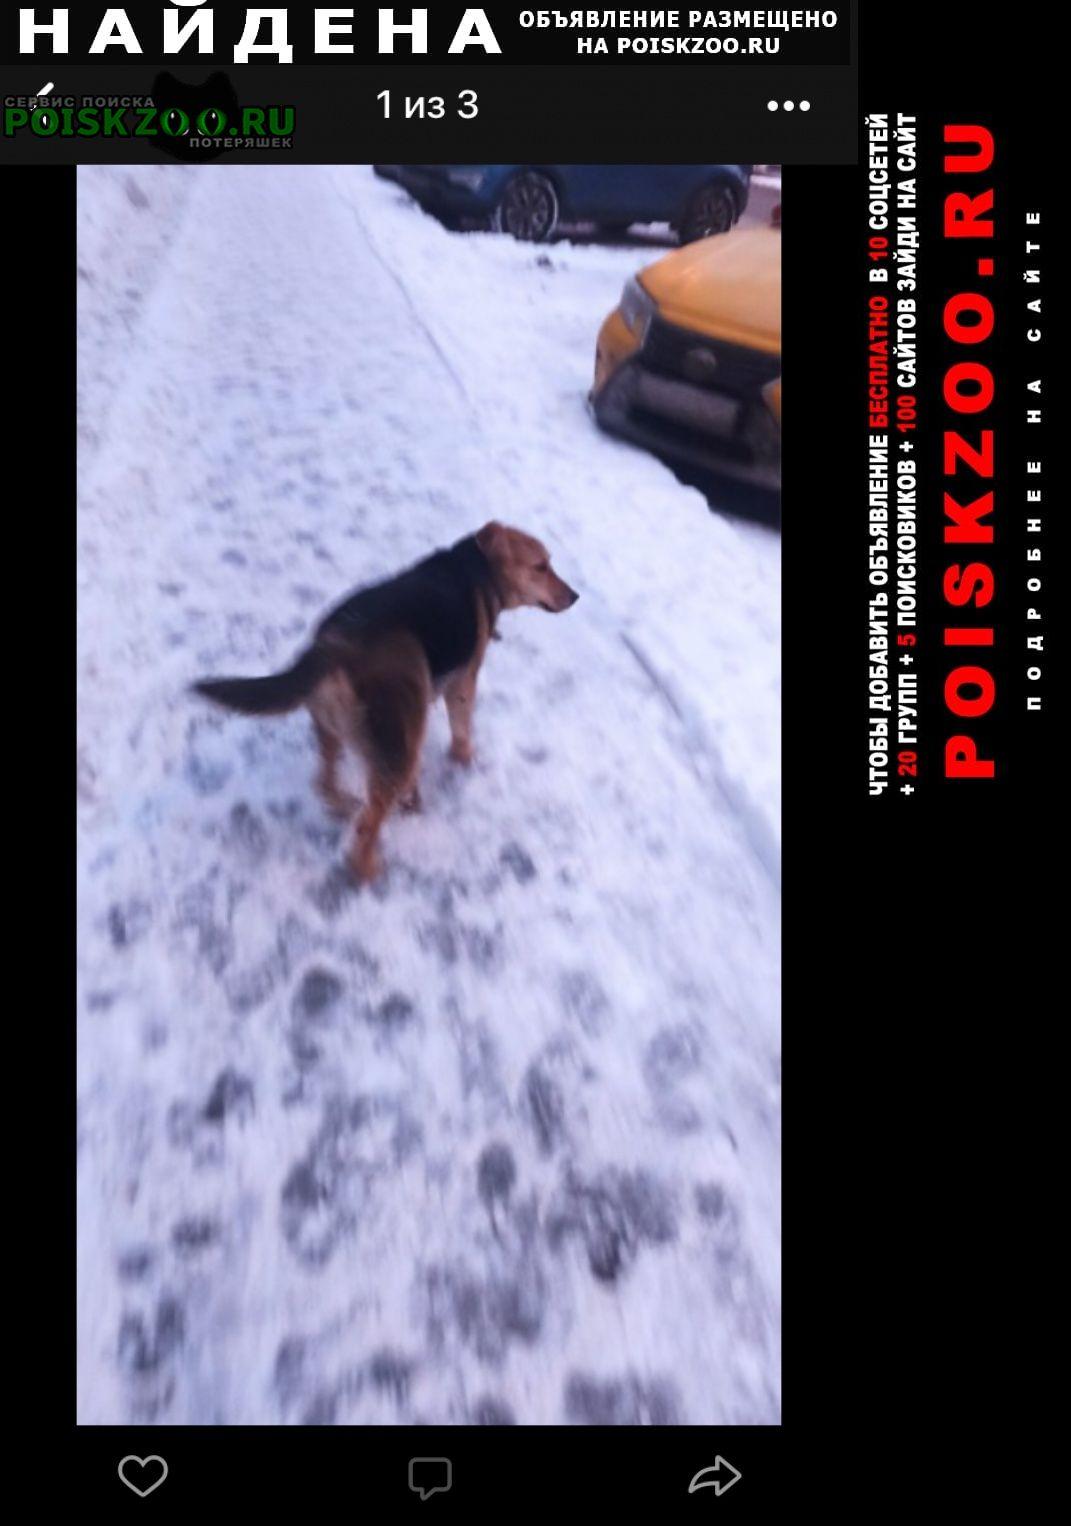 Найдена собака видели чью-то собаку Москва